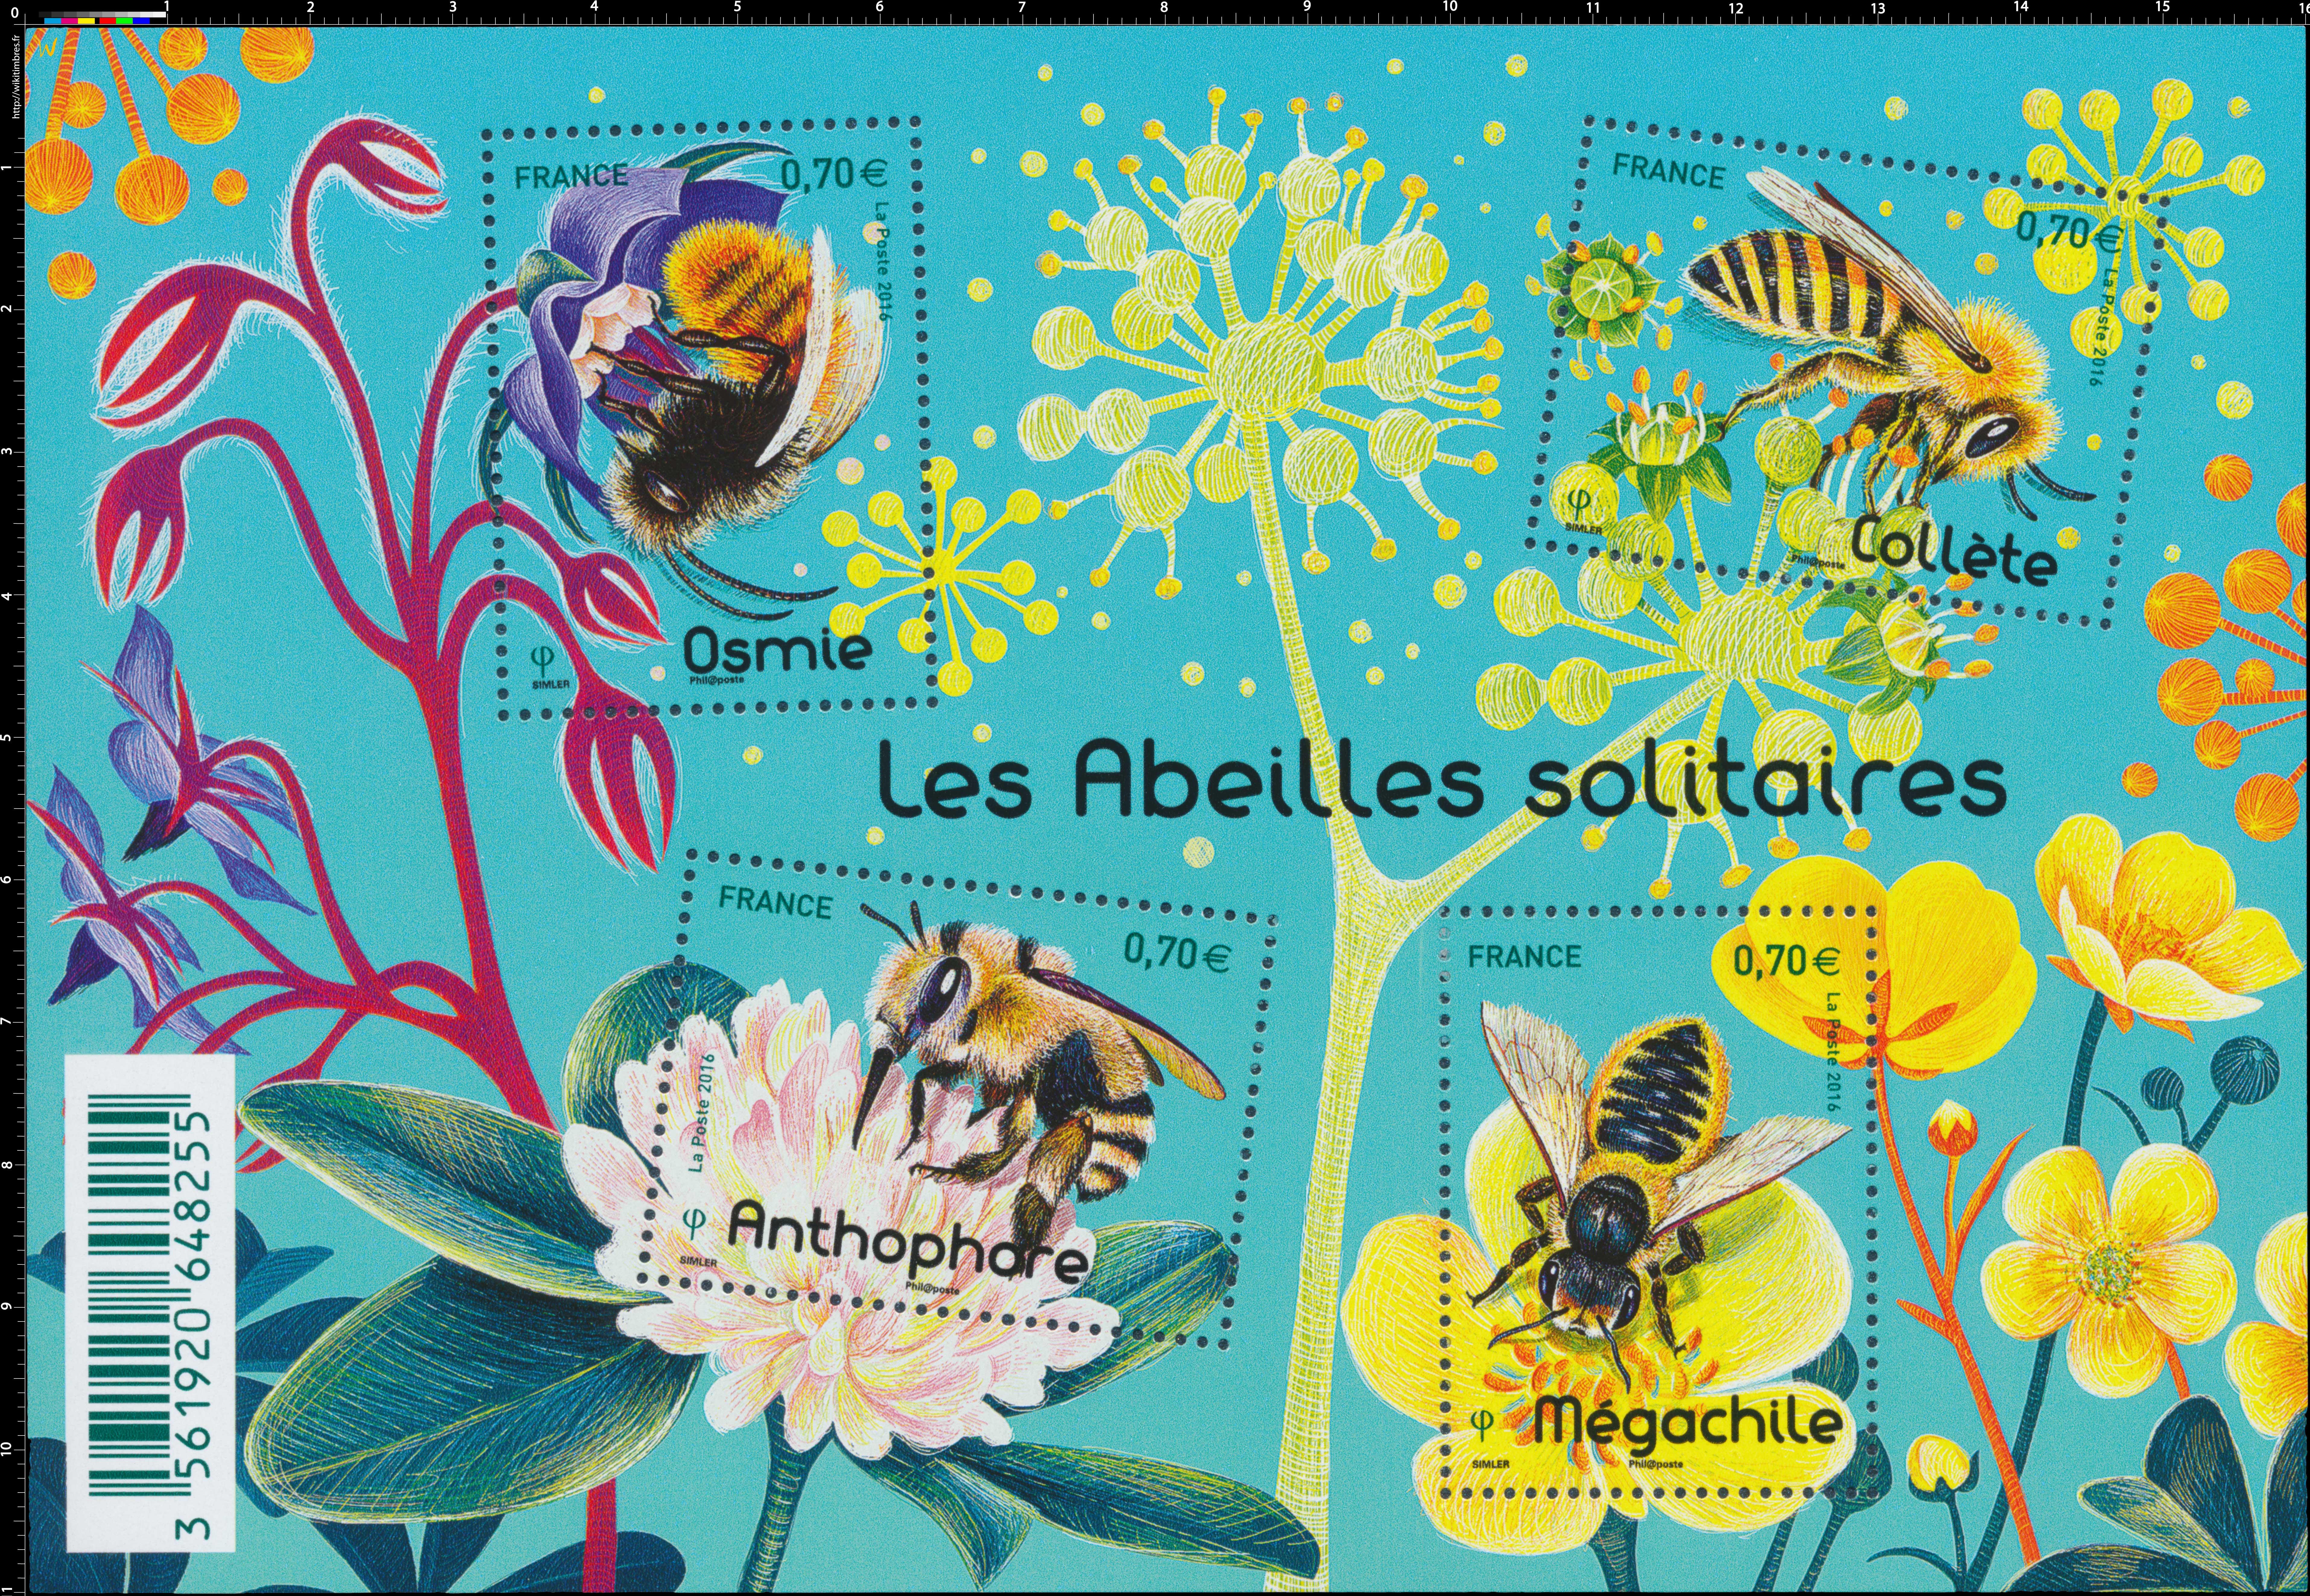 2016 Les abeilles solitaires